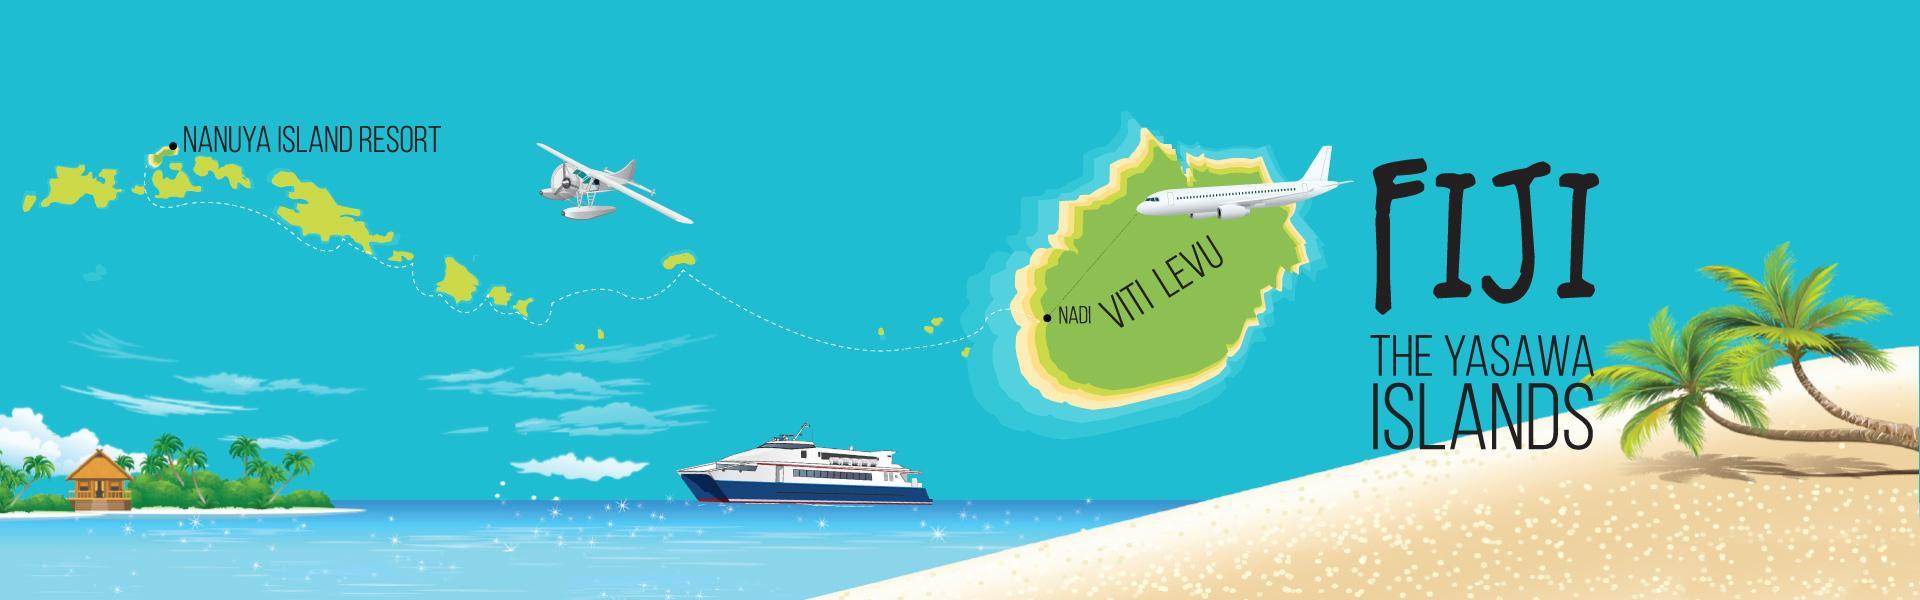 Getting To Nanuya Island Resort